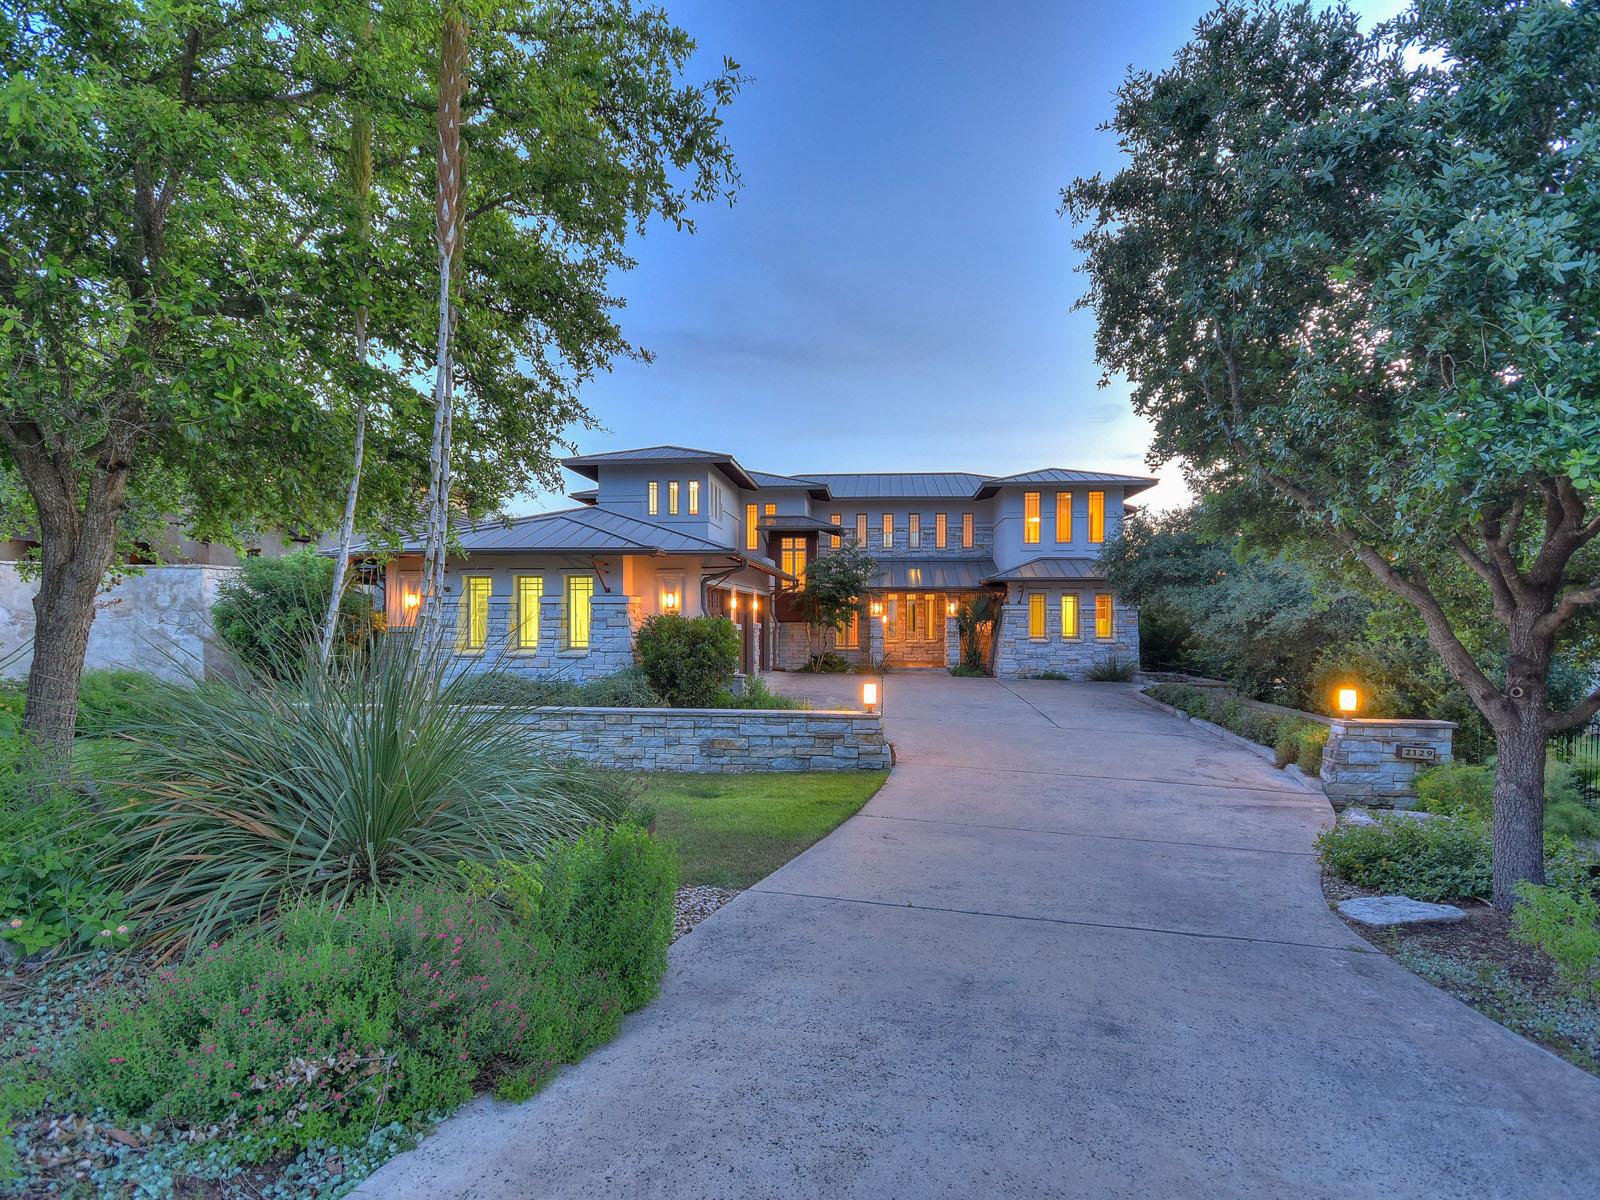 Nhà ở một gia đình vì Bán tại Stunning Home with Views 2129 Sea Eagle Vw Austin, Texas, 78738 Hoa Kỳ